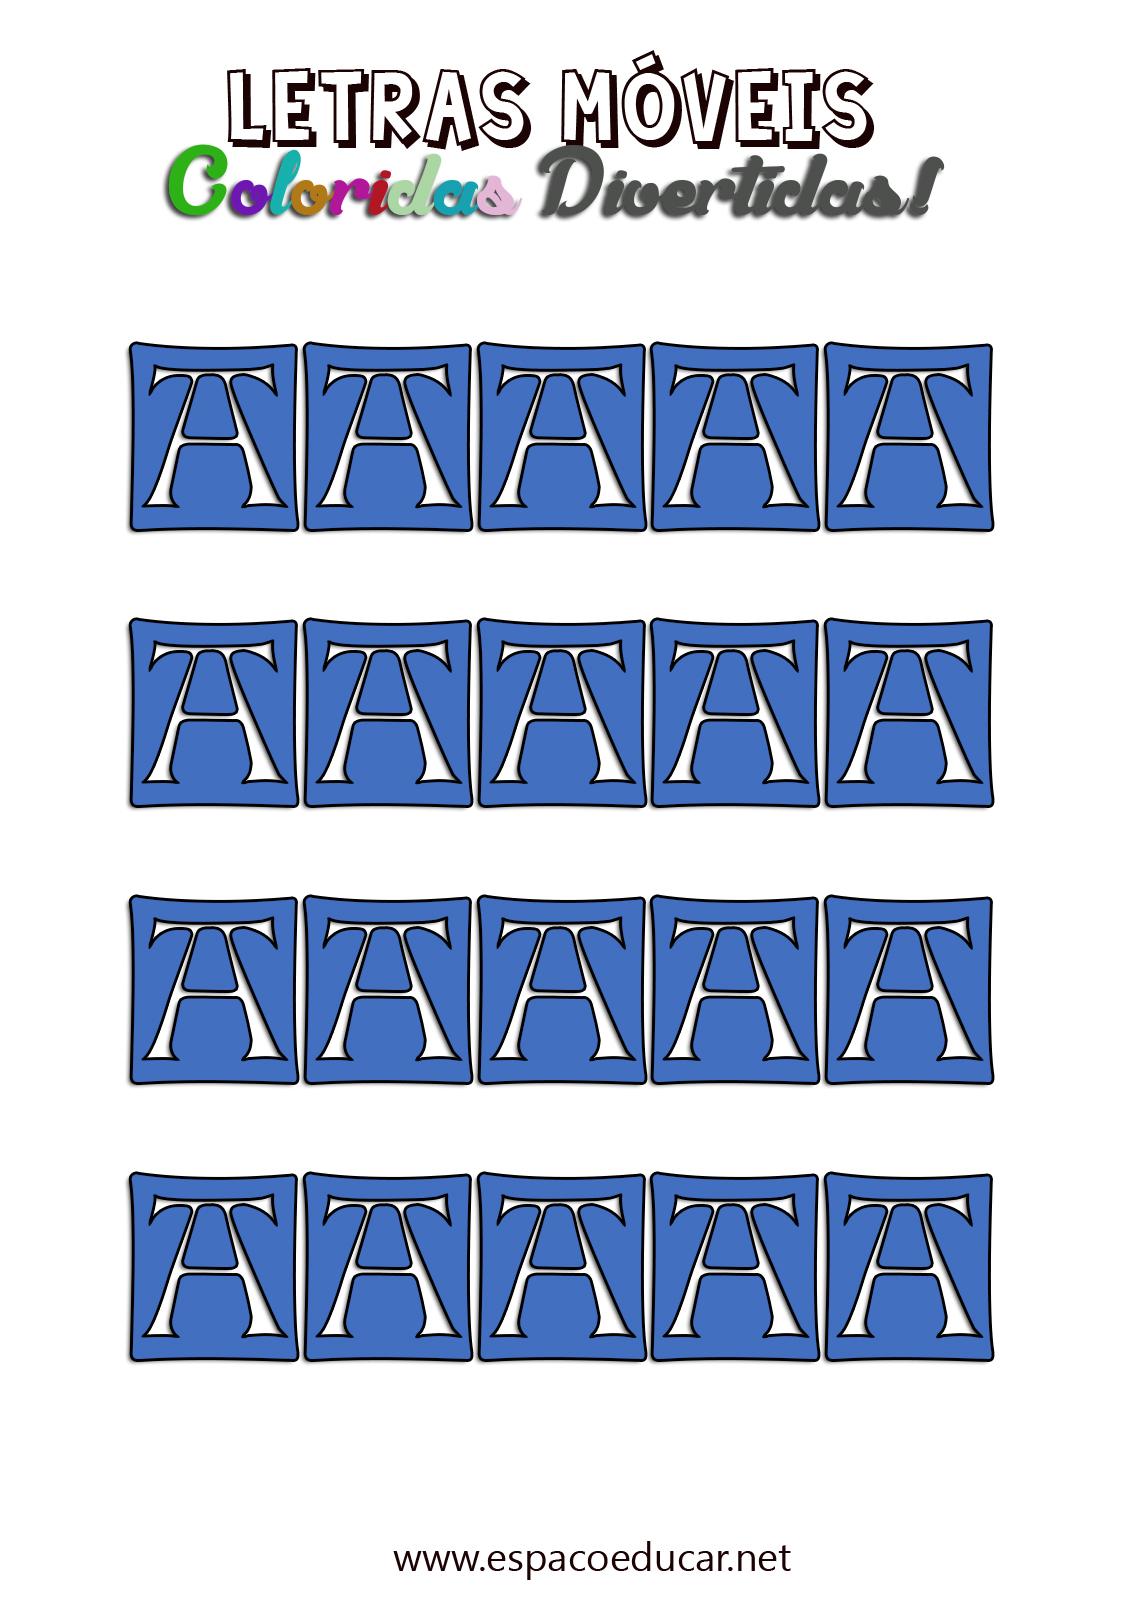 Letras Moveis Coloridas Divertidas Para Imprimir Recortar E